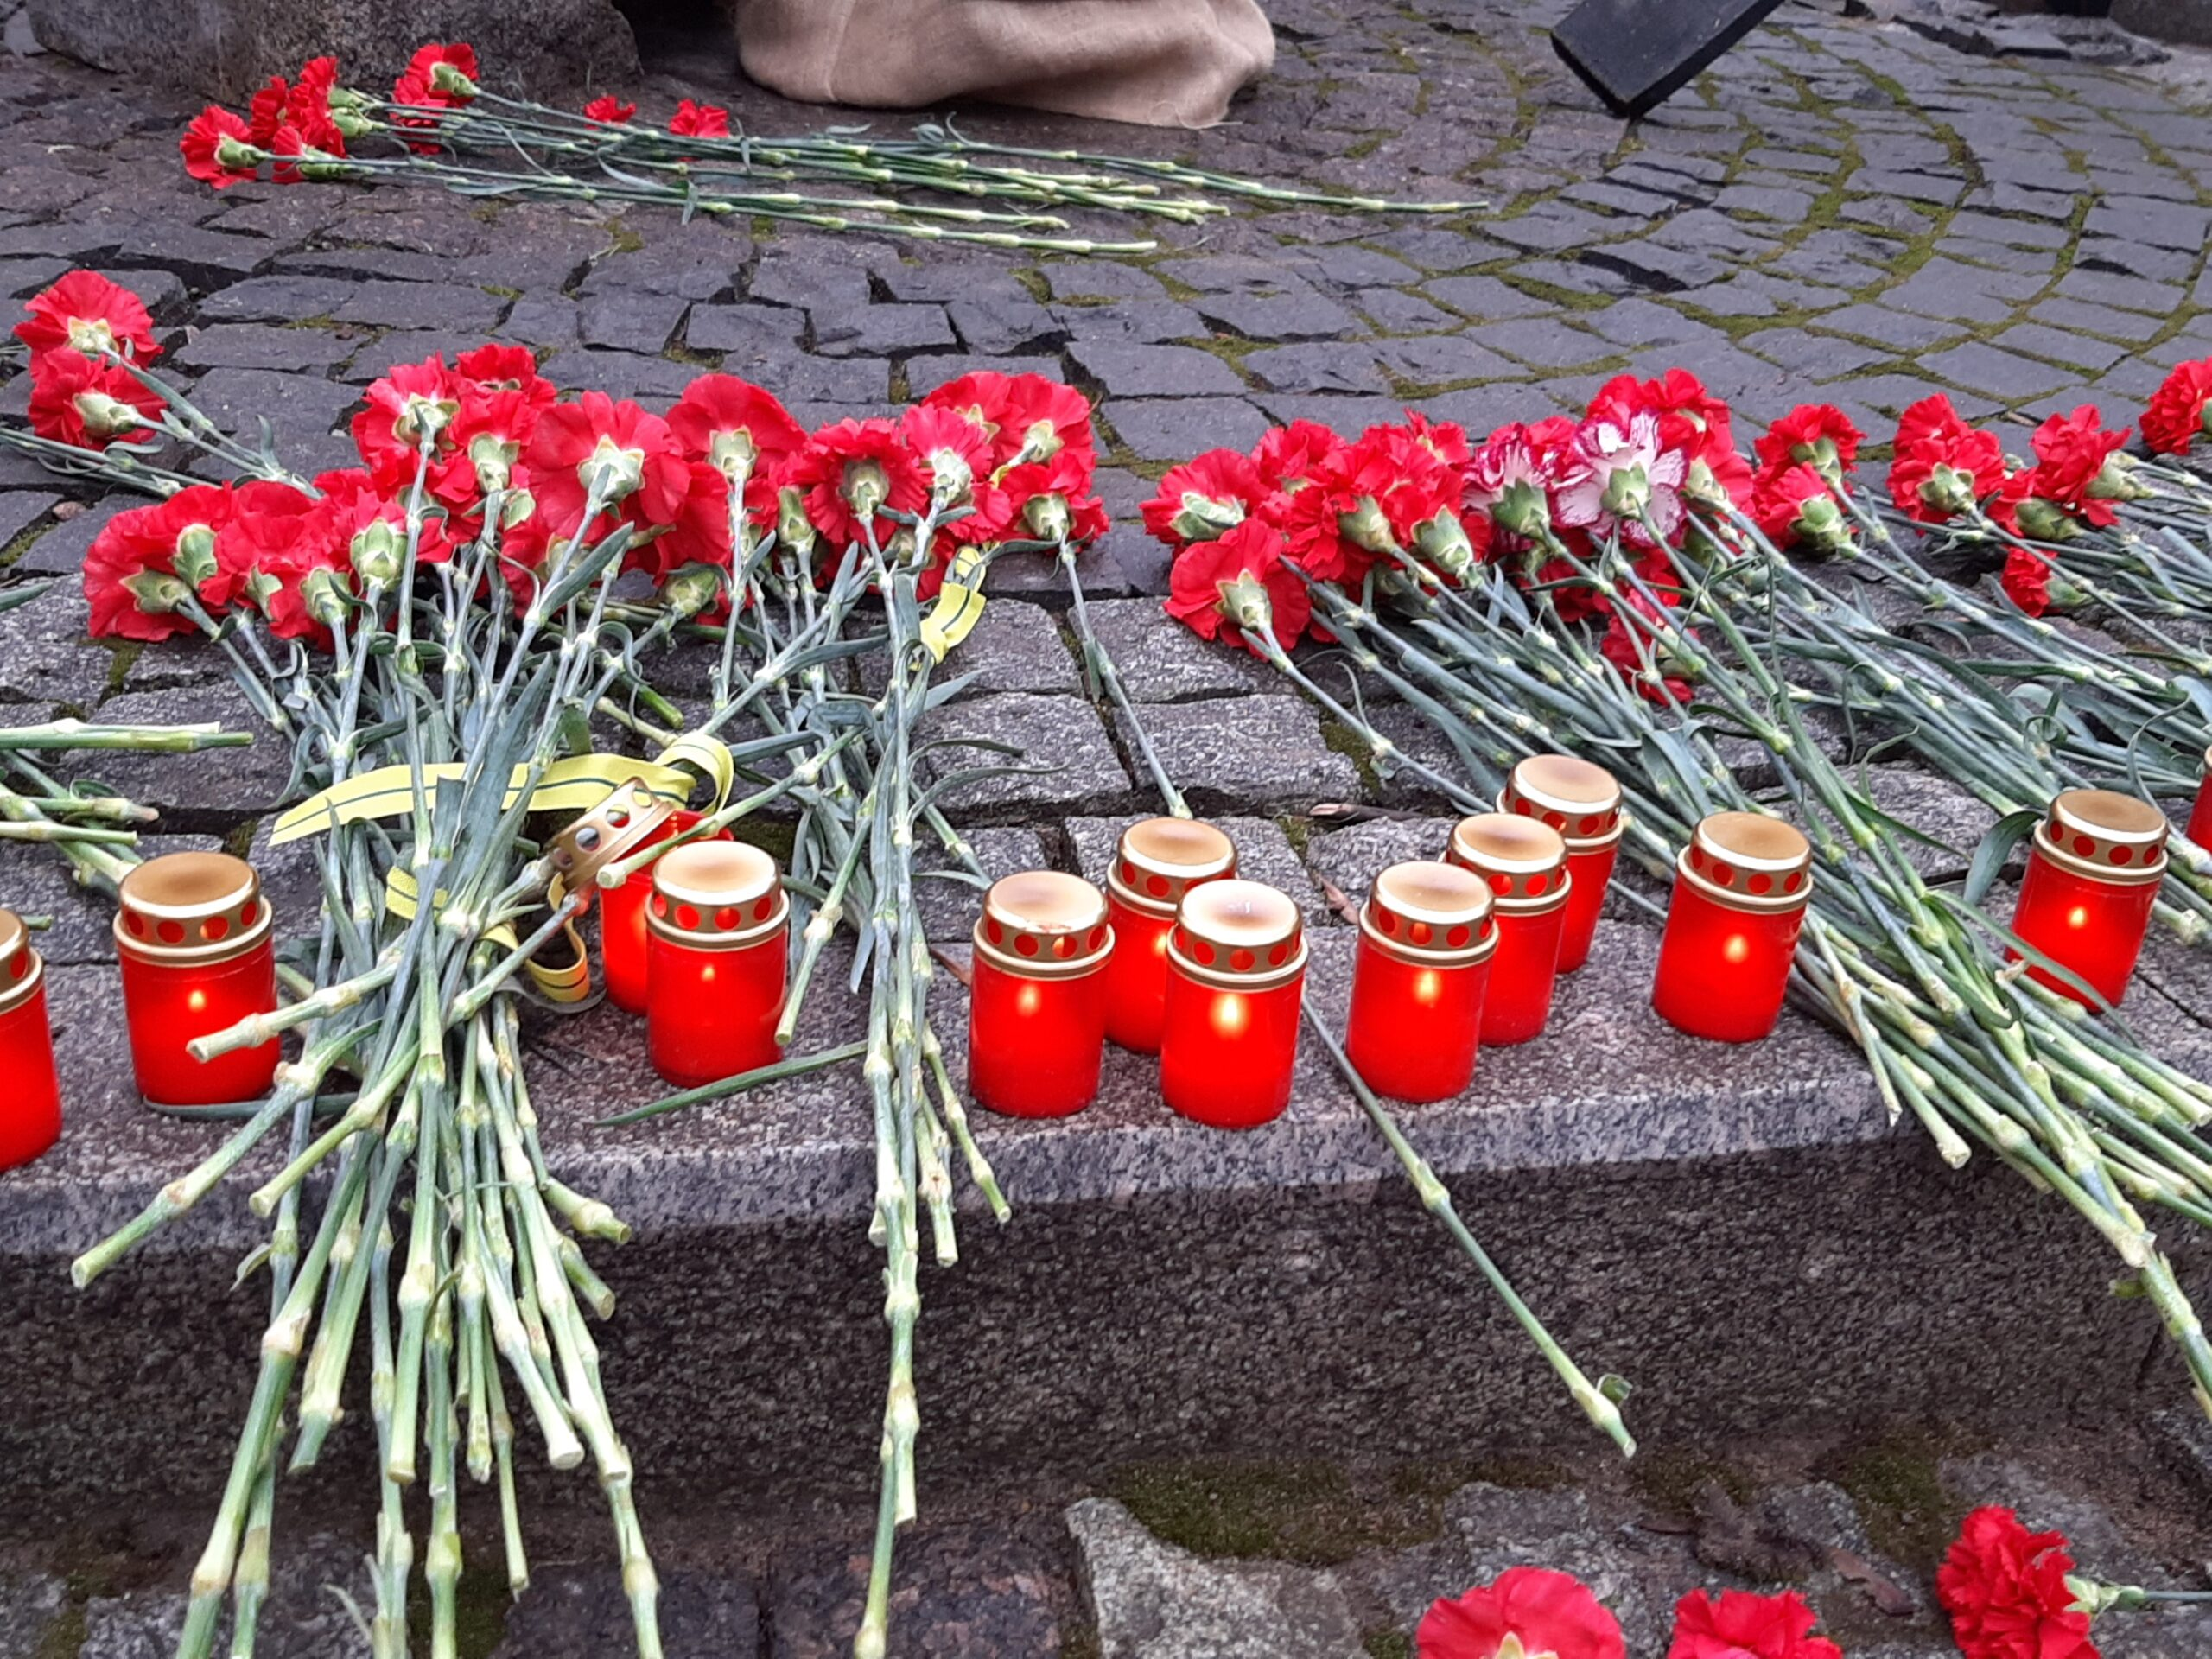 день снятия блокады ленинграда 27 января